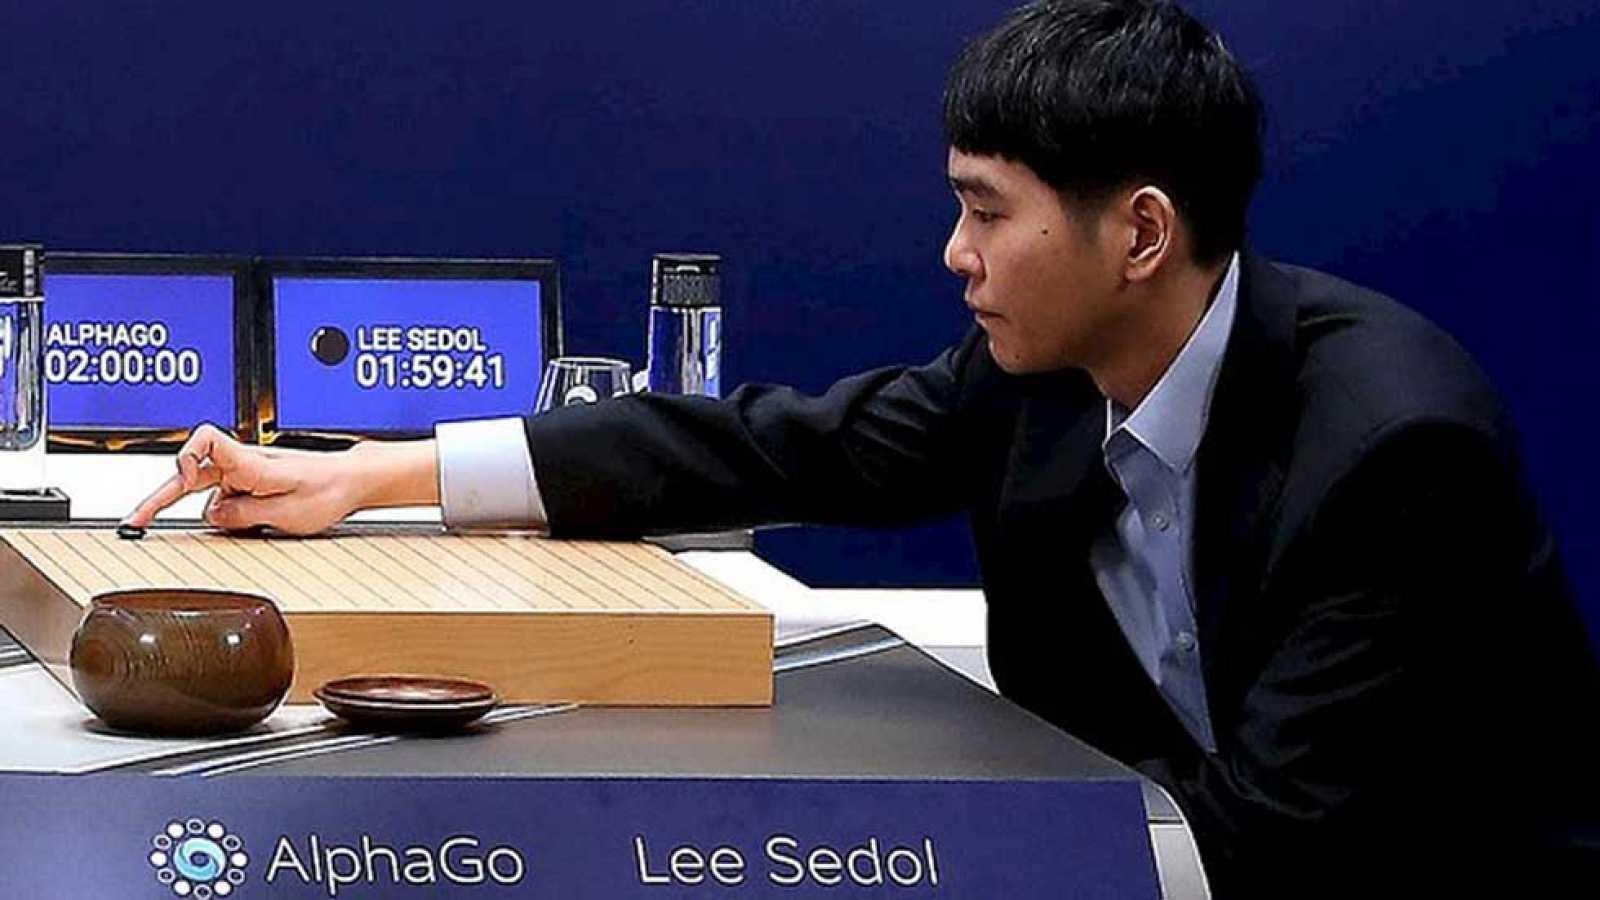 """El programa de inteligencia artificial AlphaGo de Google venció hoy al surcoreano Lee Se-dol, campeón mundial del juego de estrategia """"go"""", en la primera de las cinco partidas de máquina contra humano en el conocido como """"ajedrez oriental"""".La poderos"""